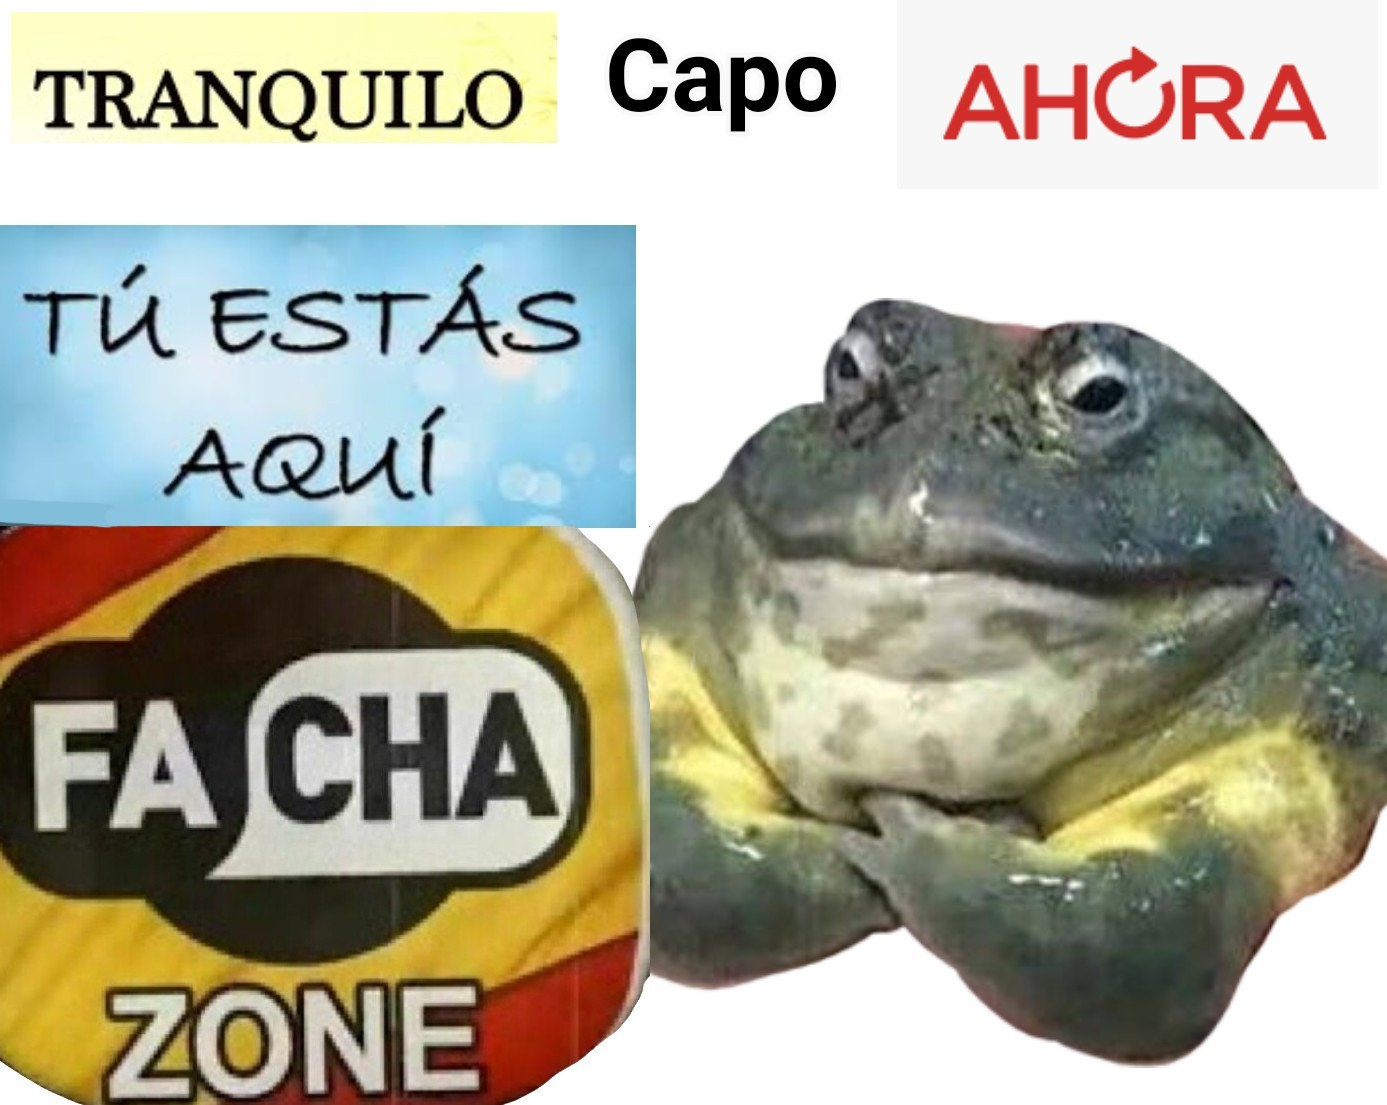 Facha Zone. - meme